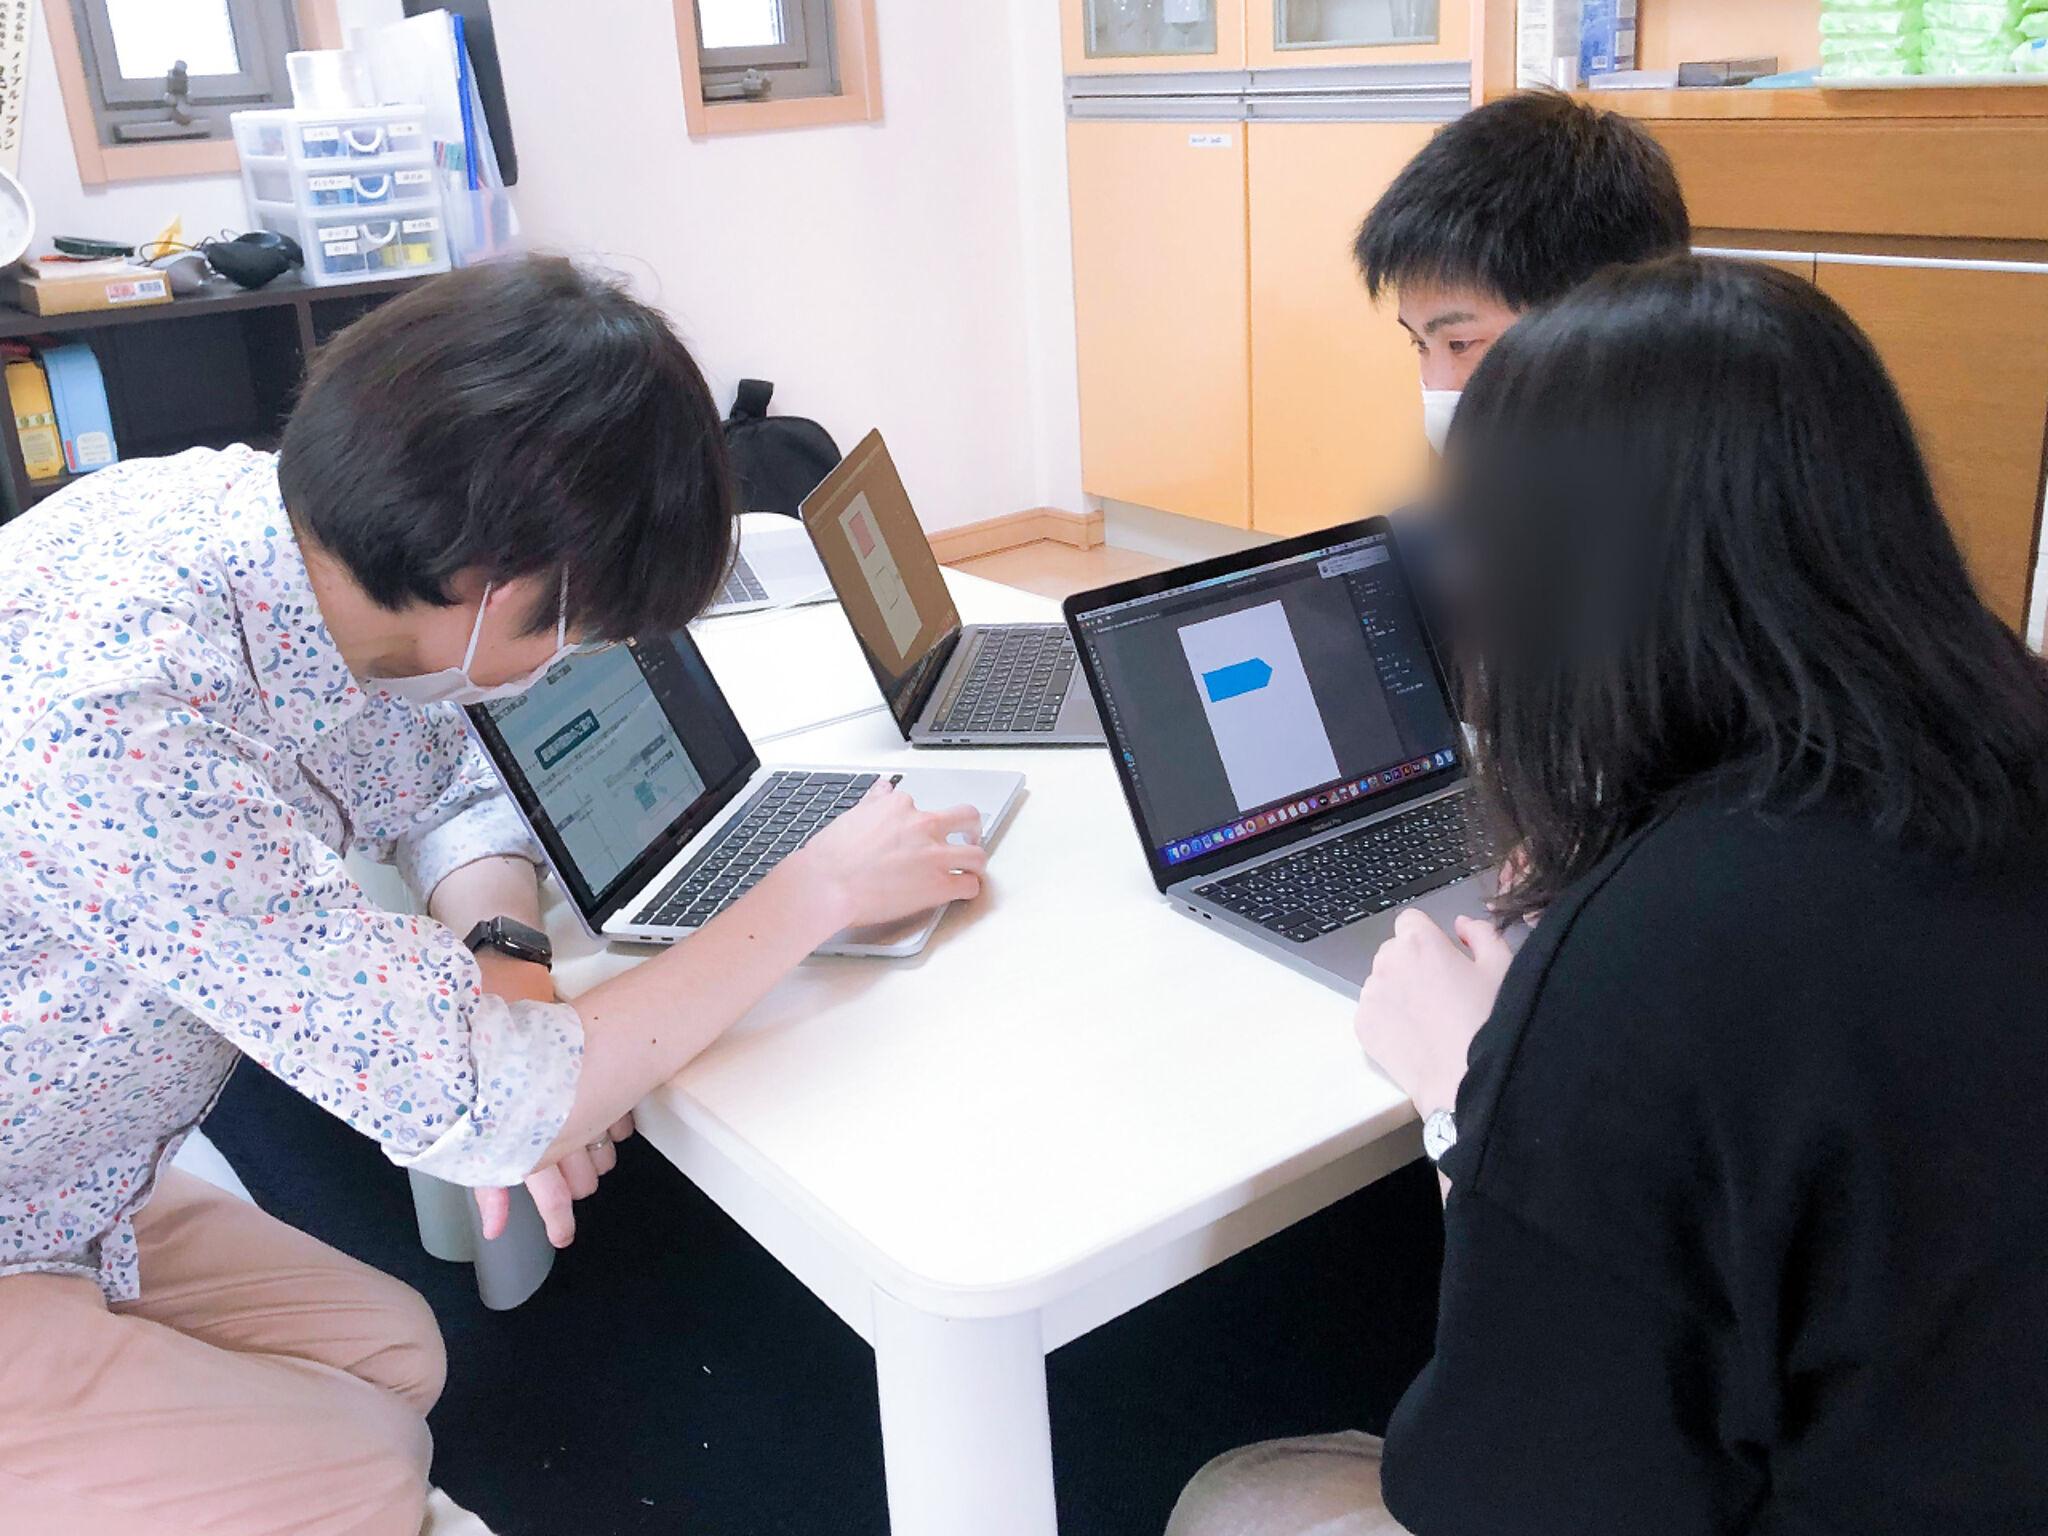 サンカクシャにてパソコンで業務をする様子の画像